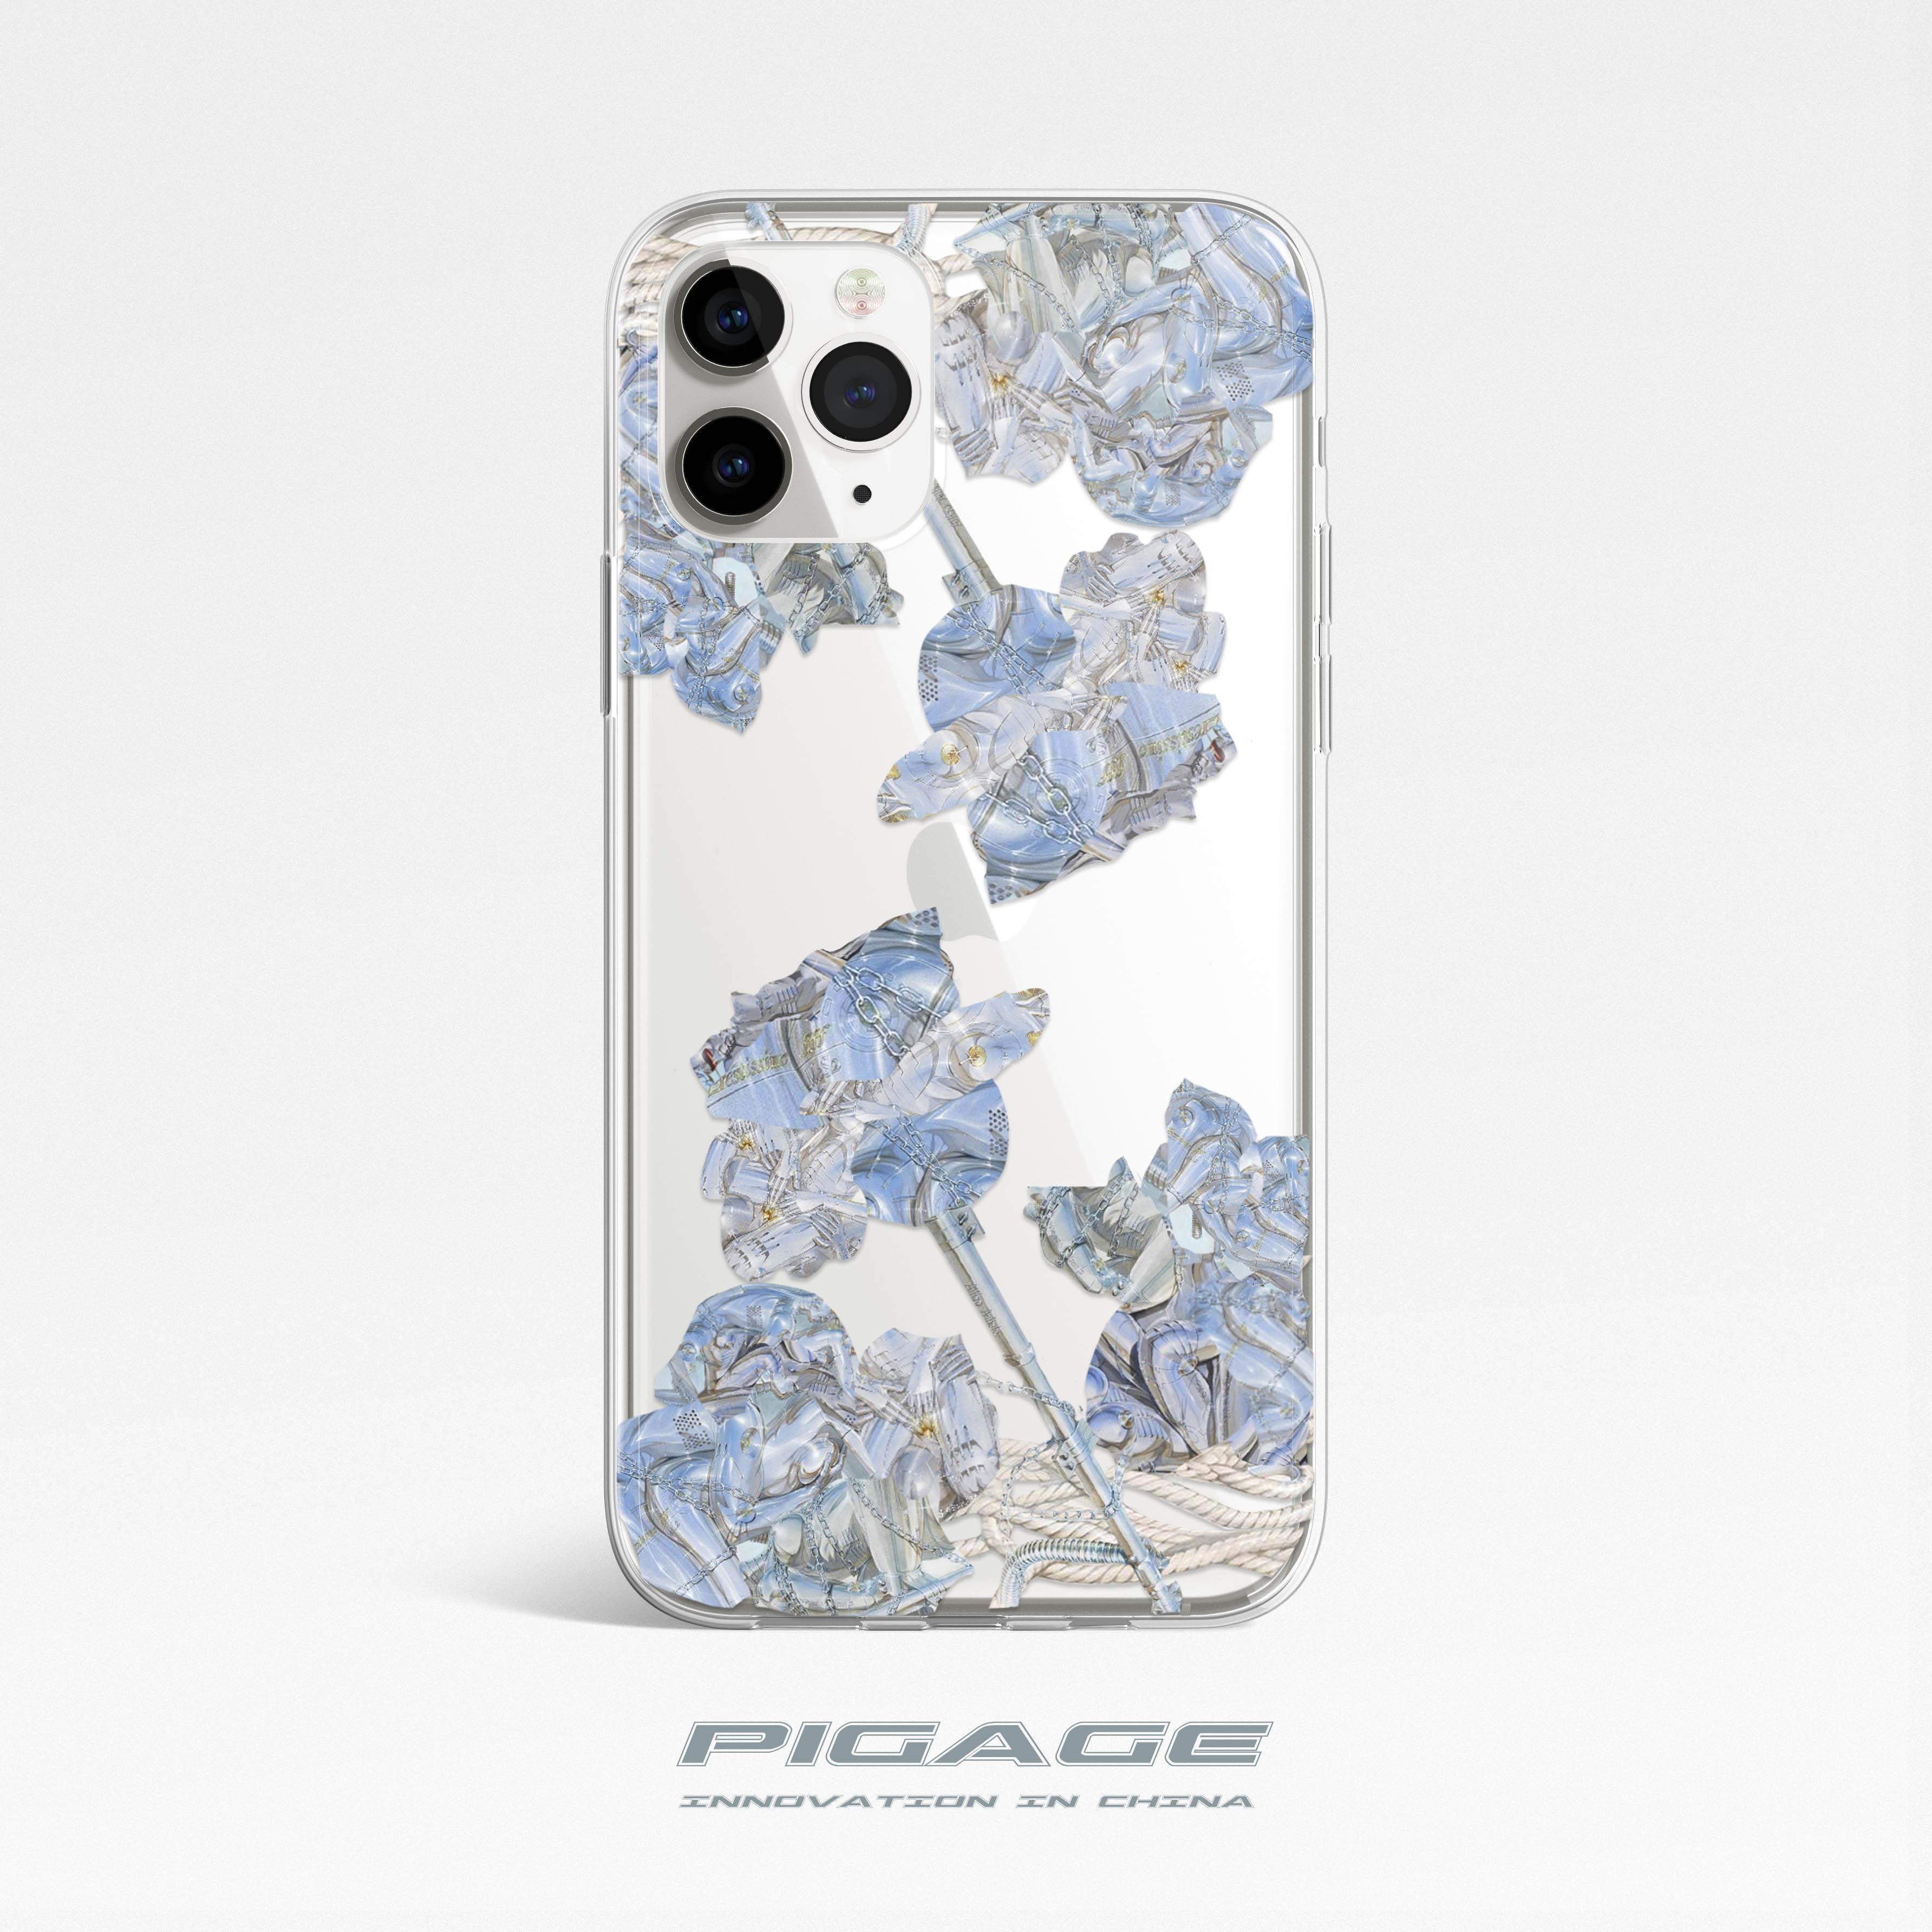 原创赛博玫瑰oppo iphone 11手机壳